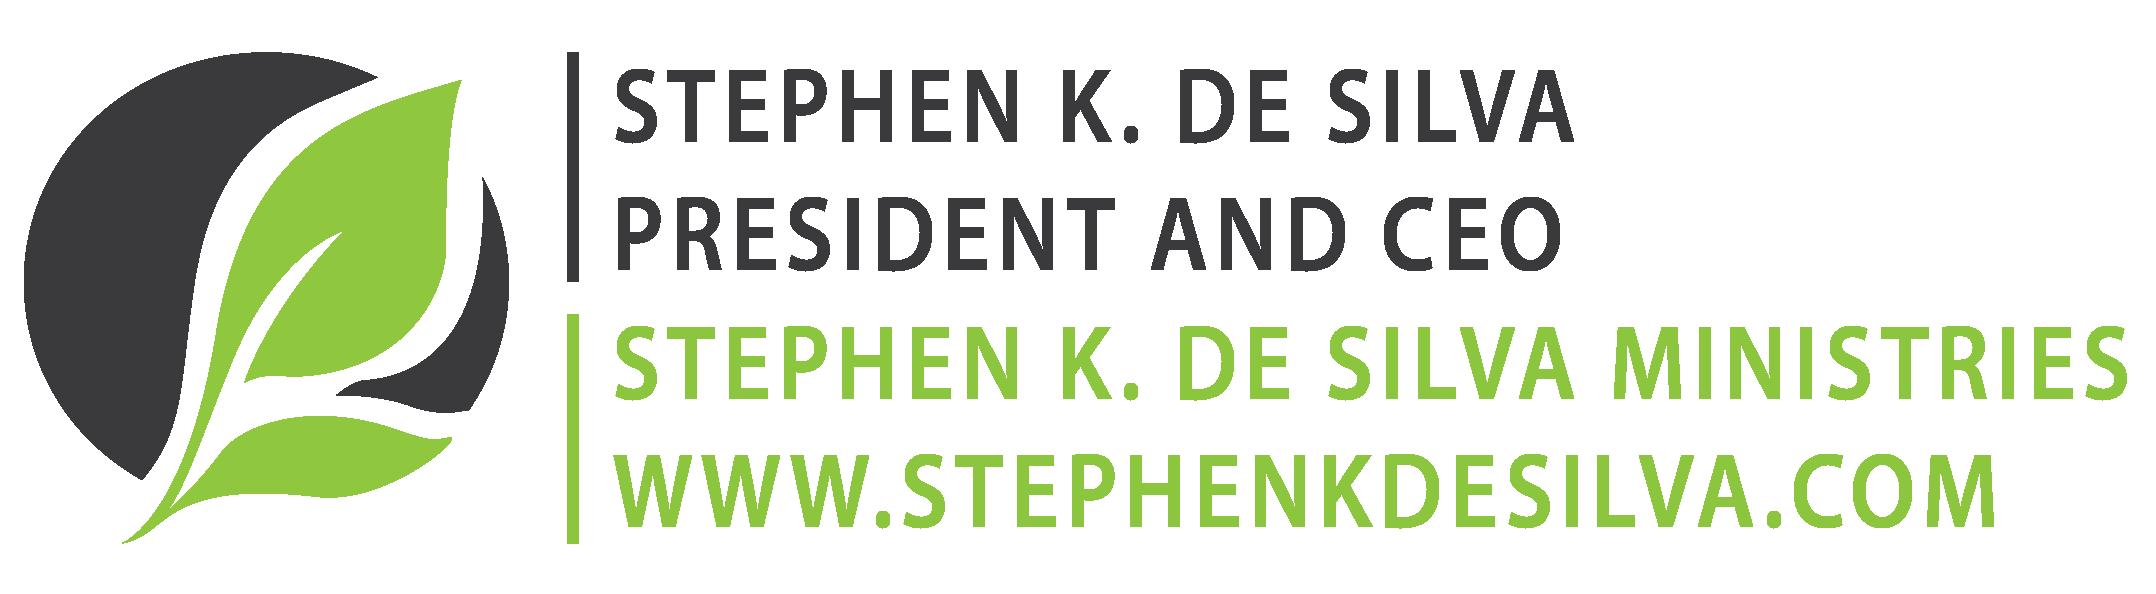 EMAIL-STEPHEN_V copy 4.png